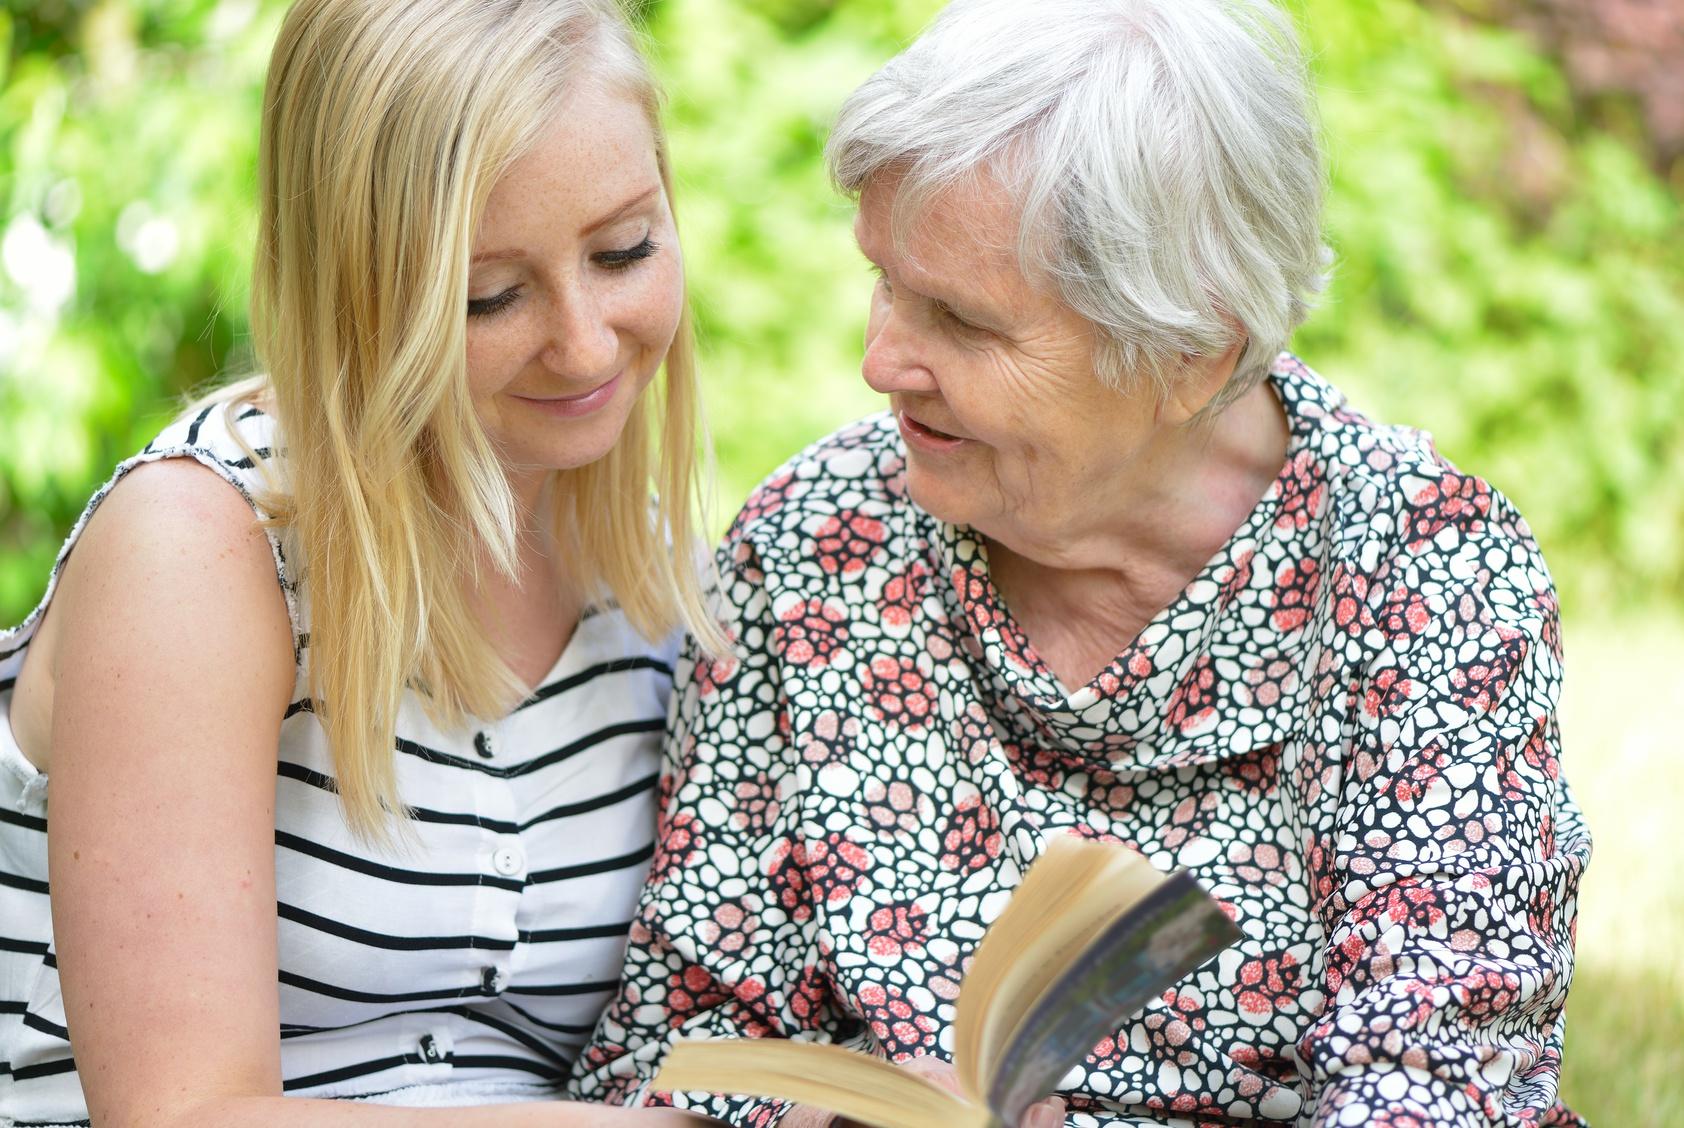 Seniorenbetreuung Stundenweise Betreuung Zu Hause Pflegede